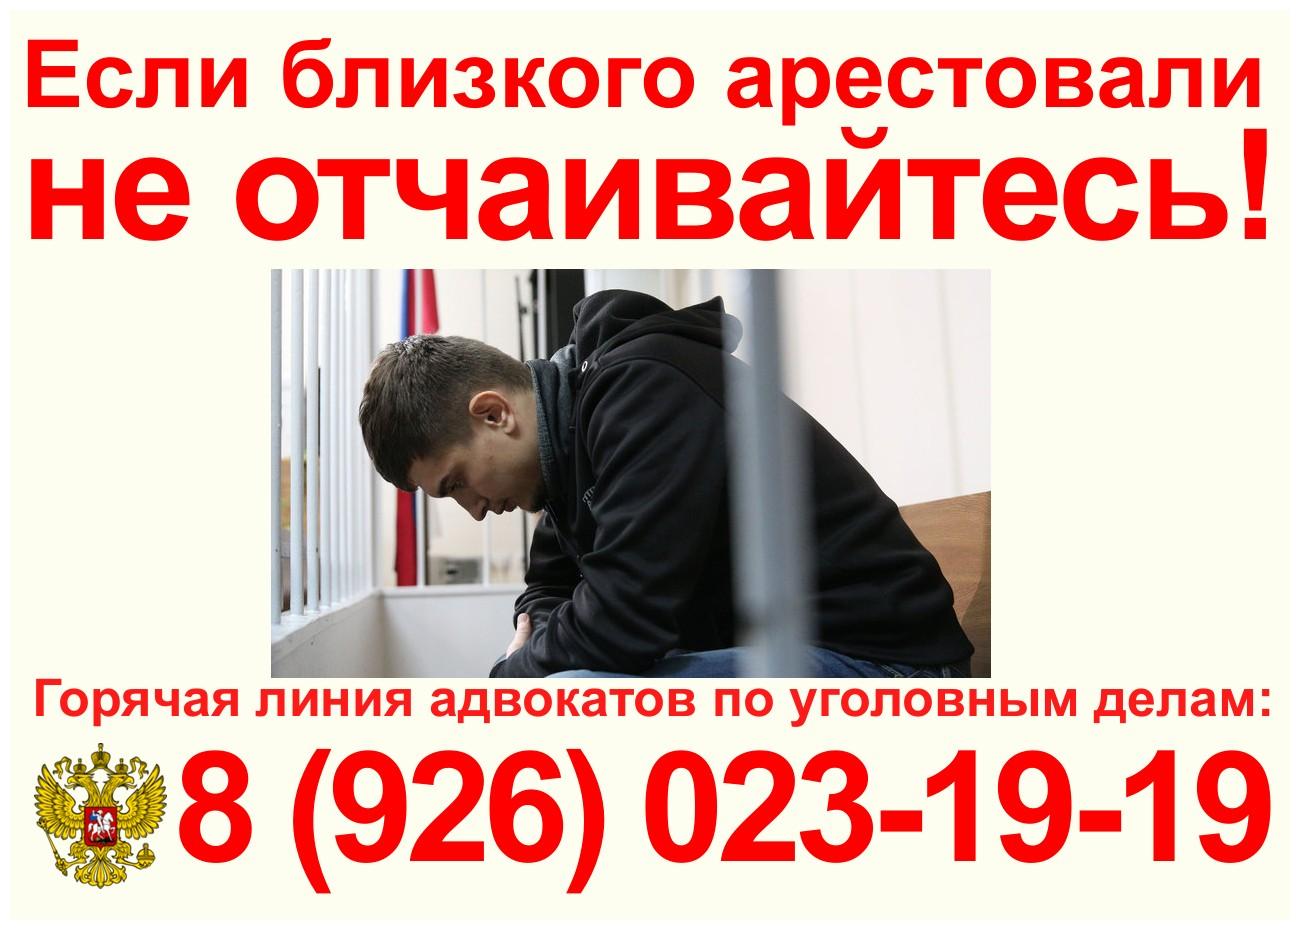 Адвокаты в Красногорске